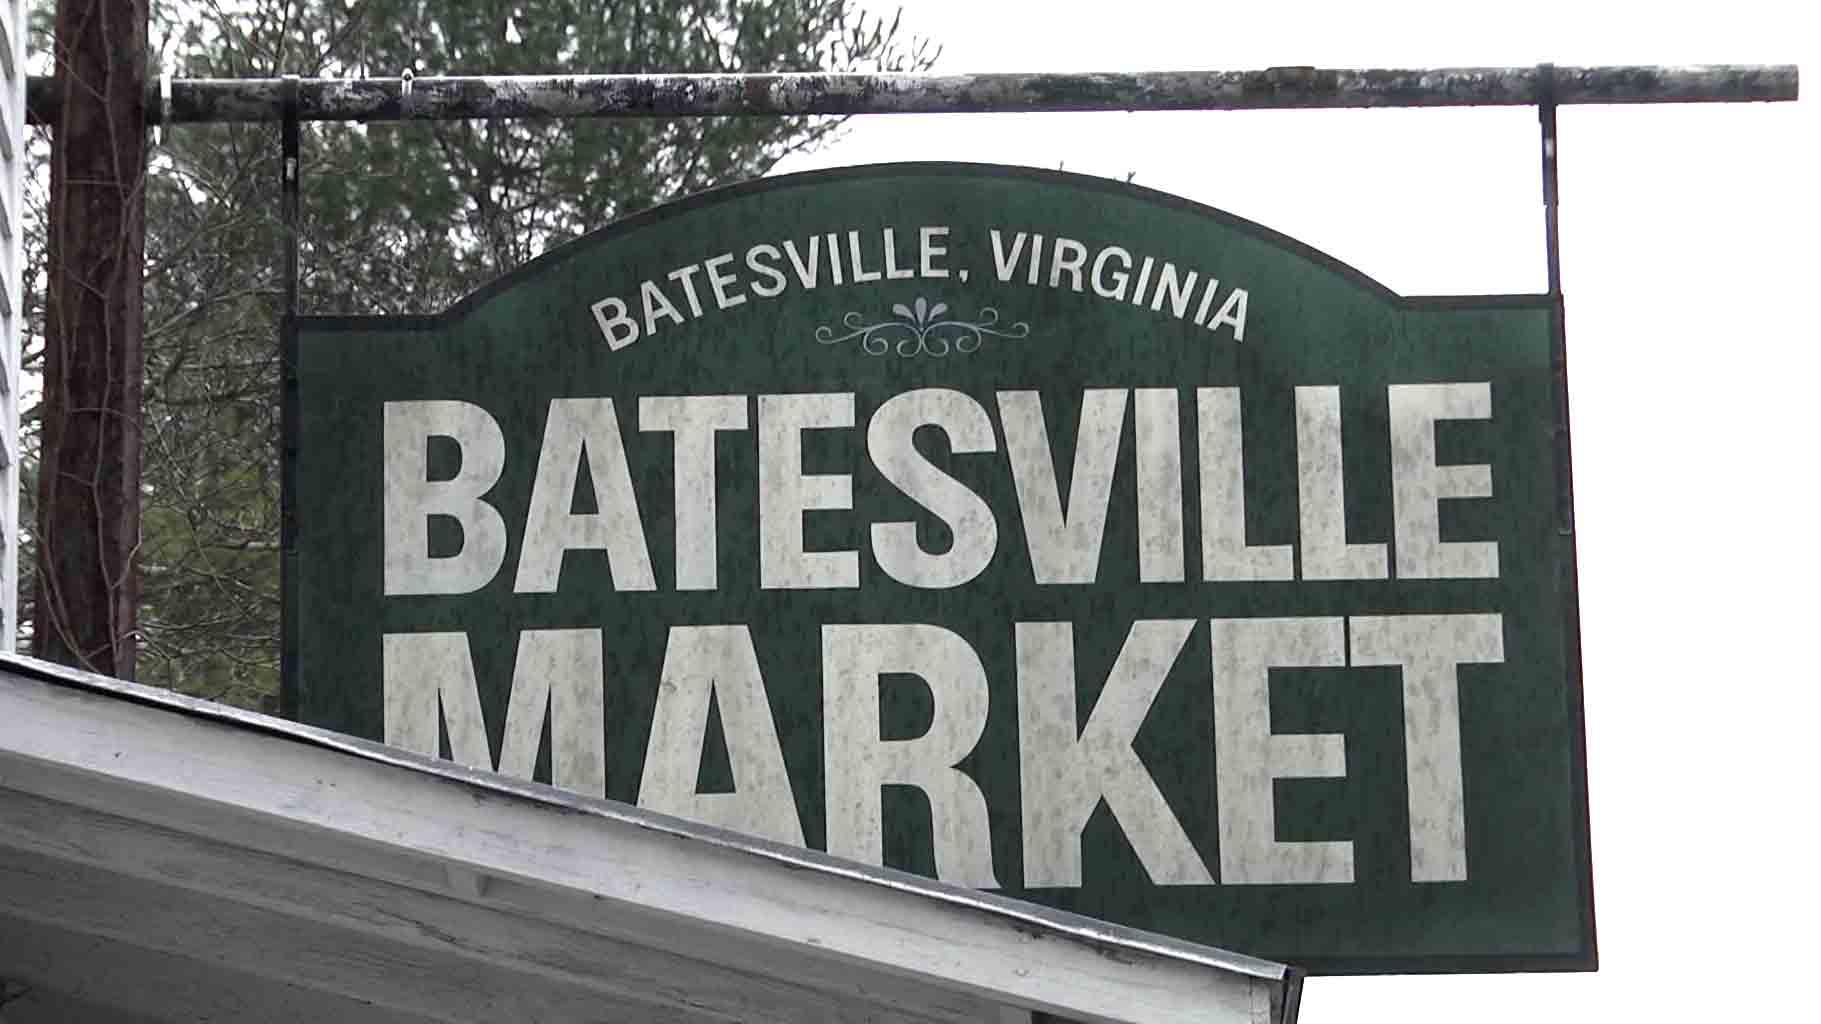 The Batesville Market sign.